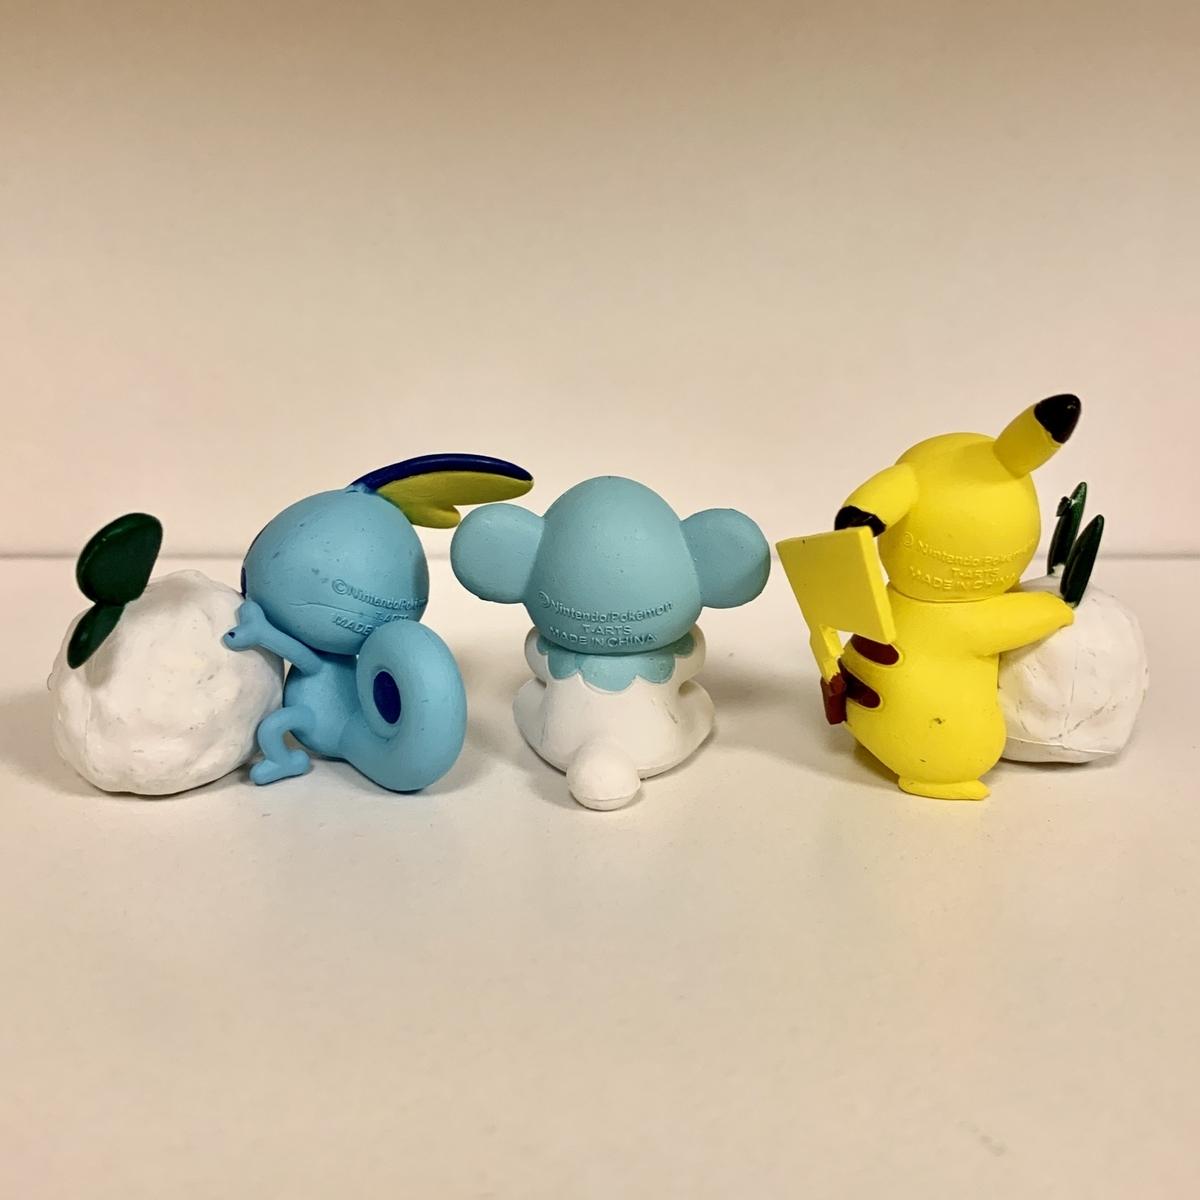 f:id:pikachu_pcn:20200131213724j:plain